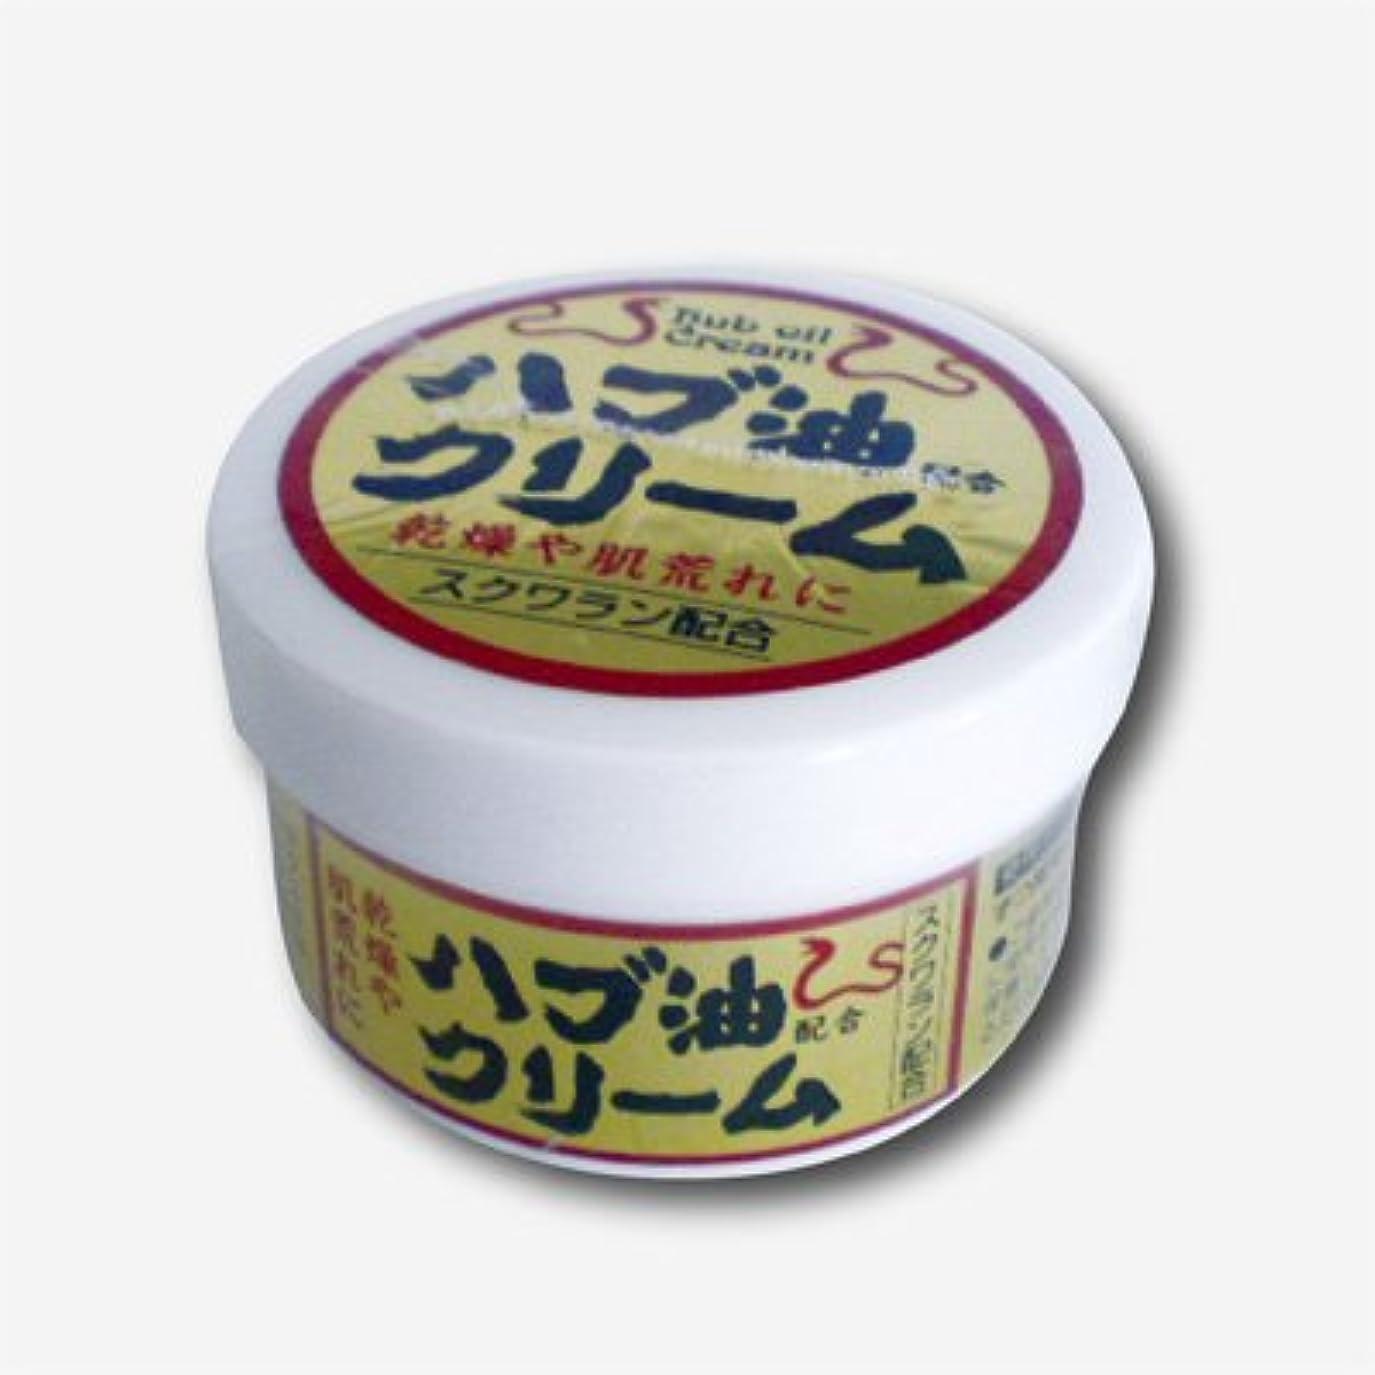 テレックス横境界ハブ油配合クリーム 2個【1個?50g】